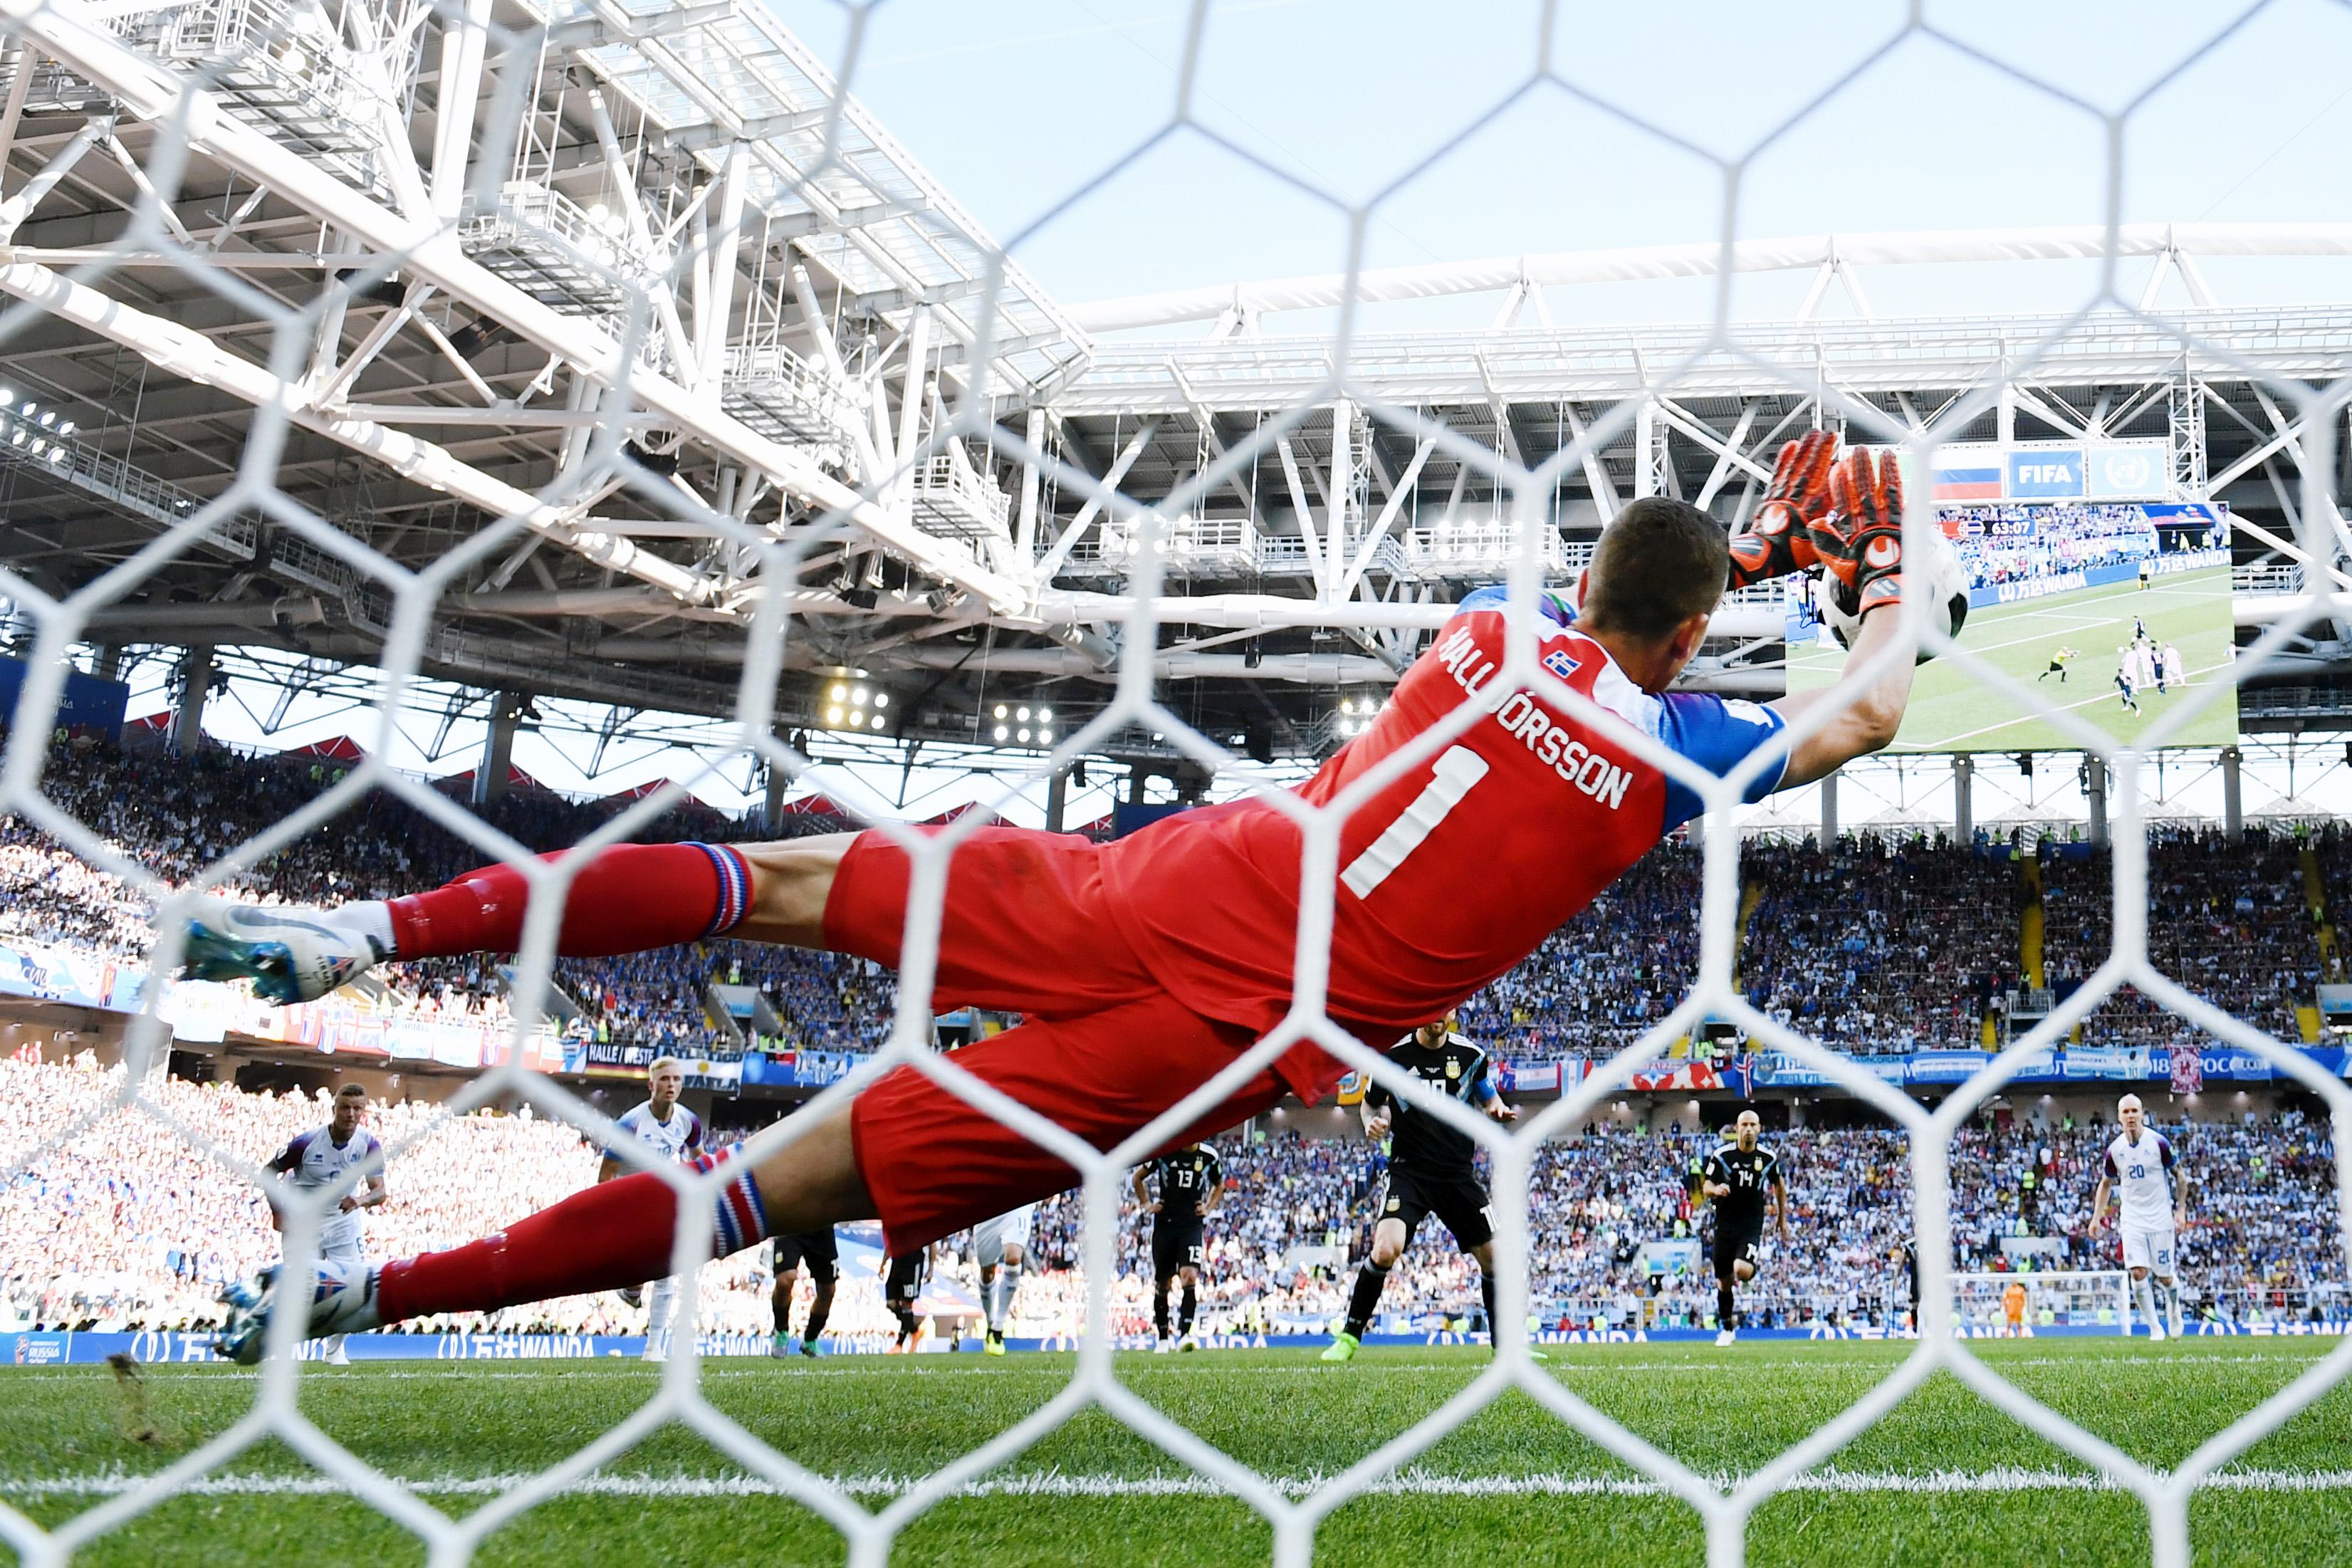 Вратарь сборной Исландии Ханнес Халльдоурссон отбивает пенальти висполнении Лионеля Месси исразу же становится национальным героем.